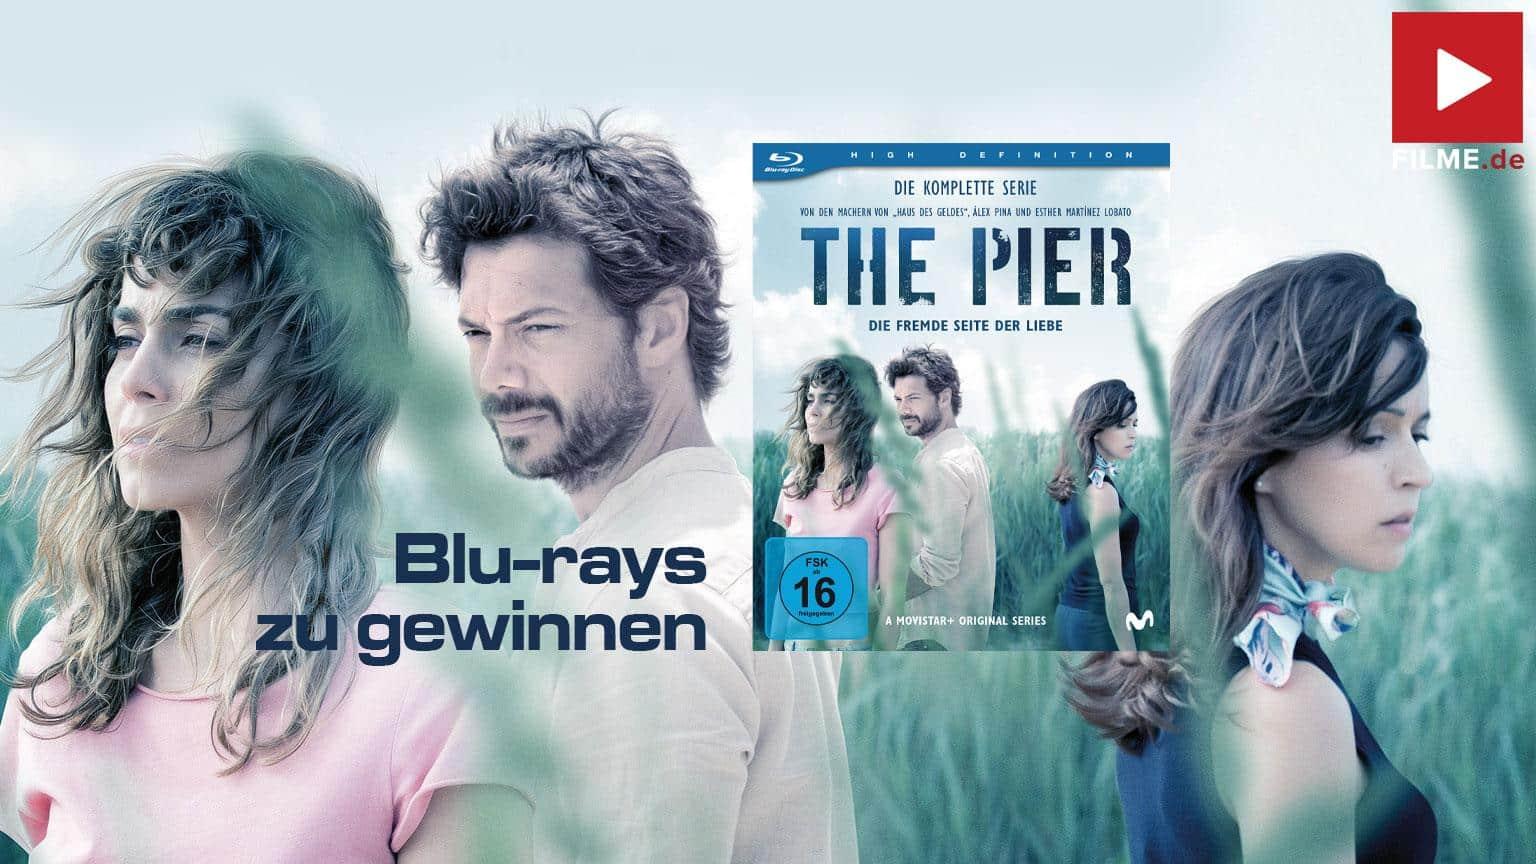 """THE PIER – Die fremde Seite der Liebe"""" Staffel 2 Staffel 1 Gesamte Serie Gewinnspiel gewinnen BLu-ray shop kaufen Artikelbild"""